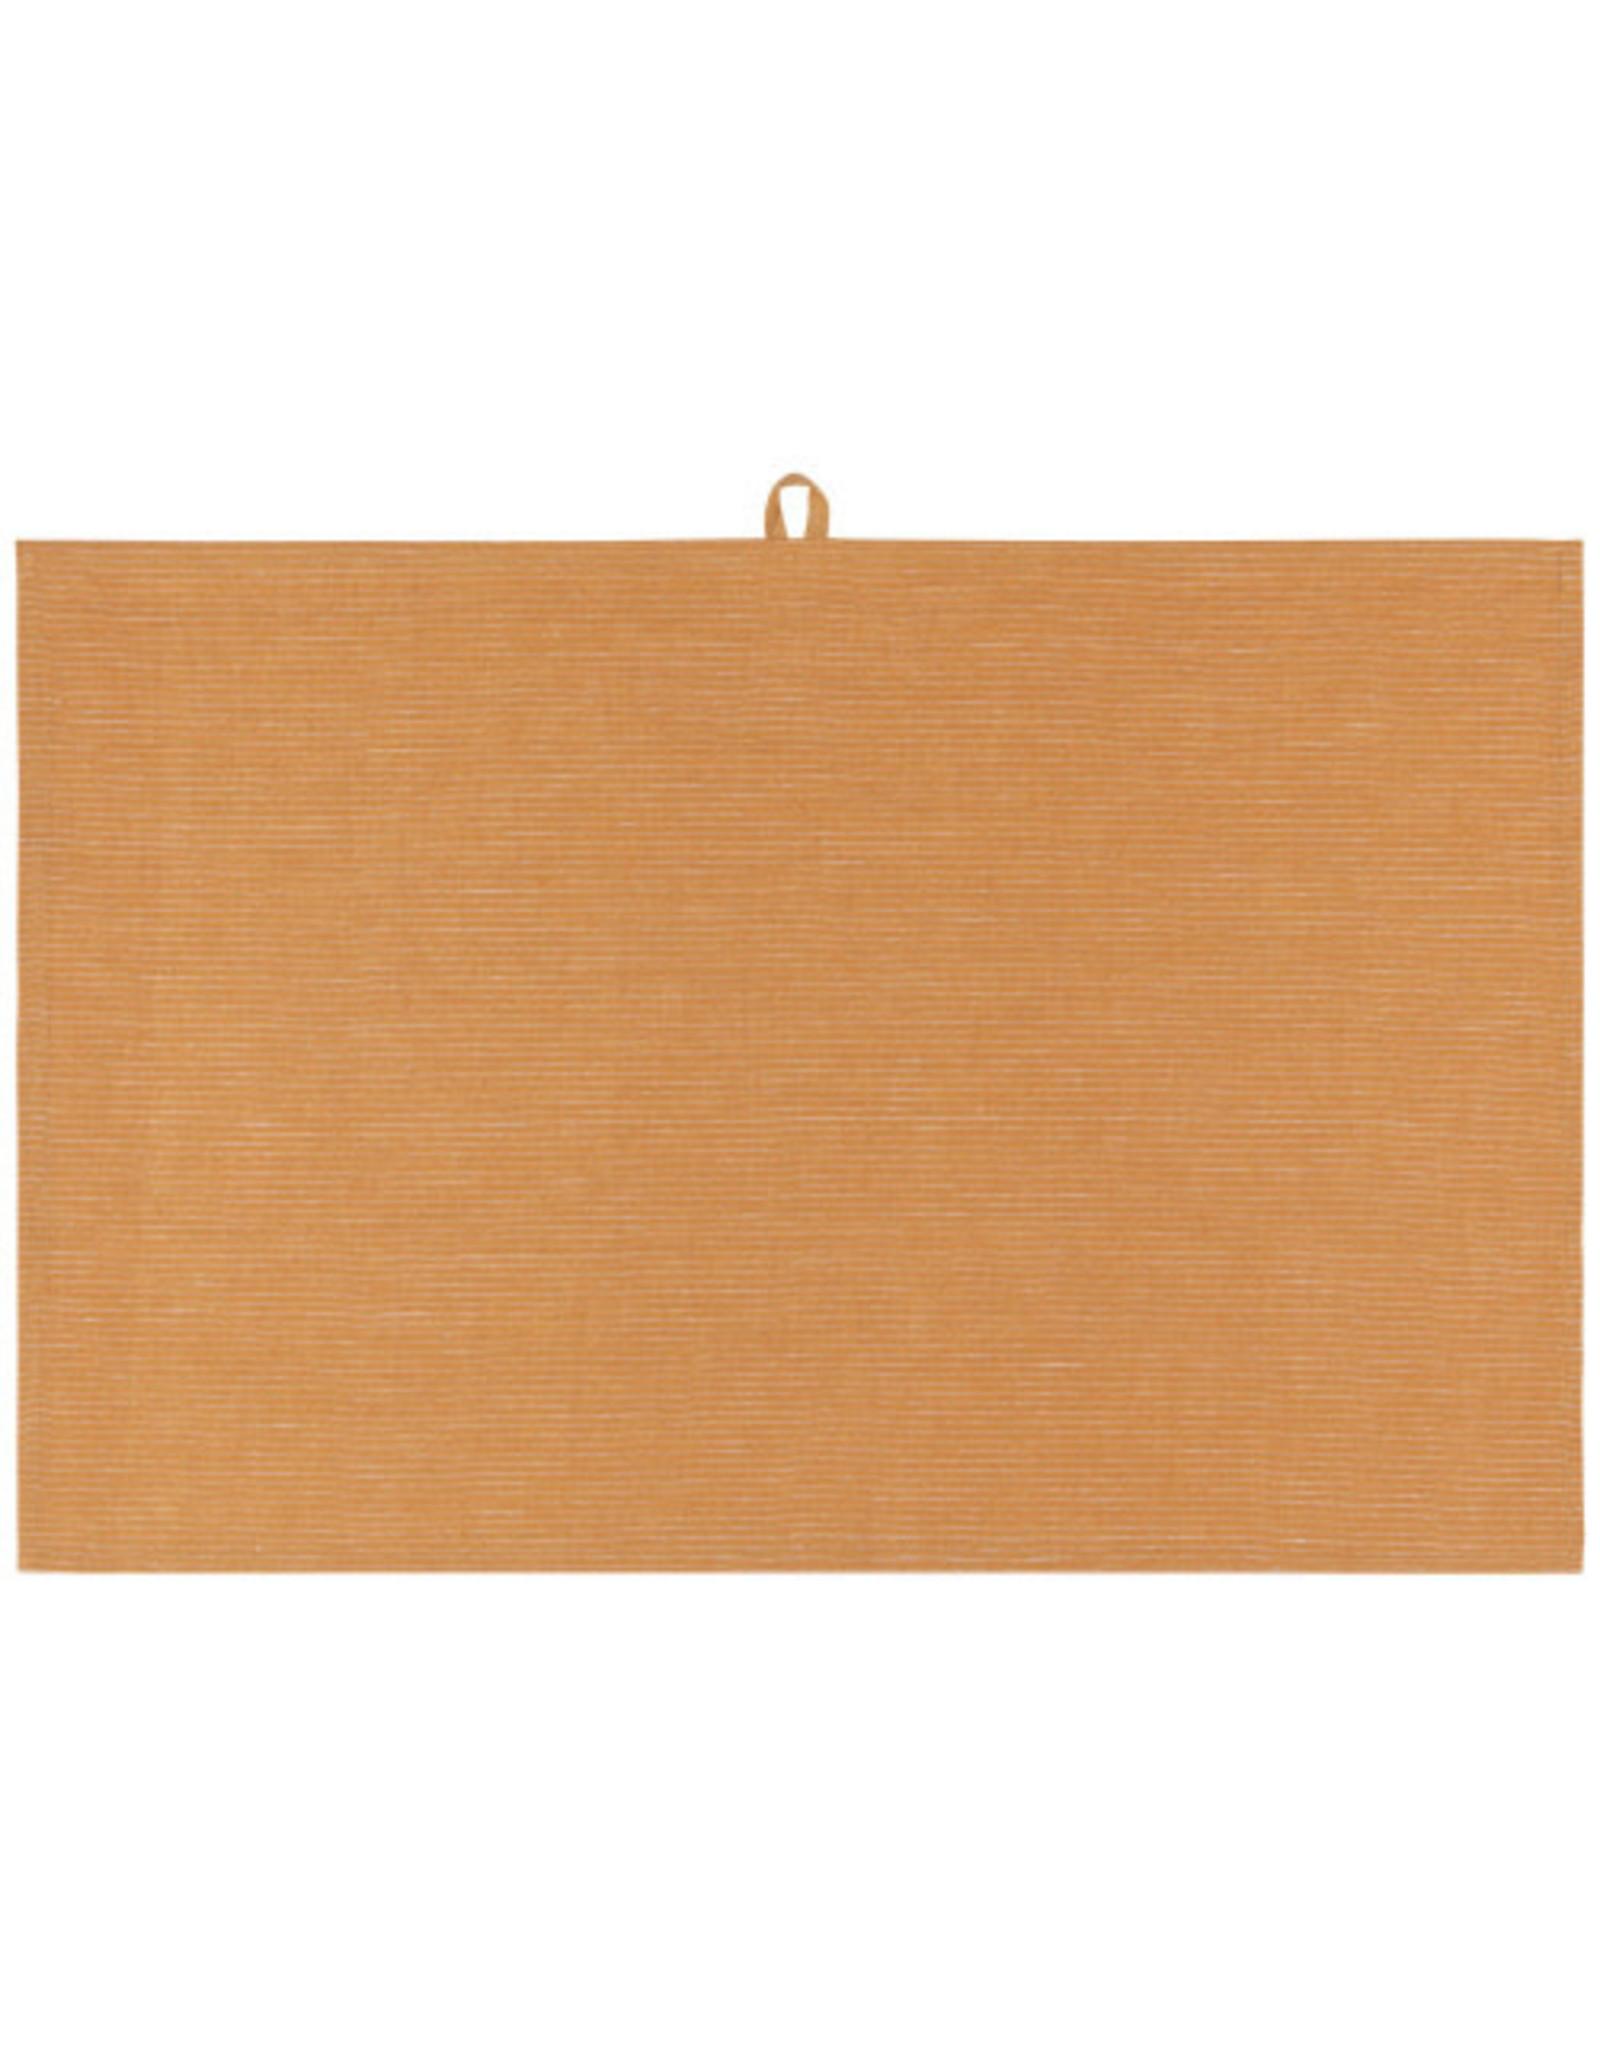 Heirloom Linen Tea Towel